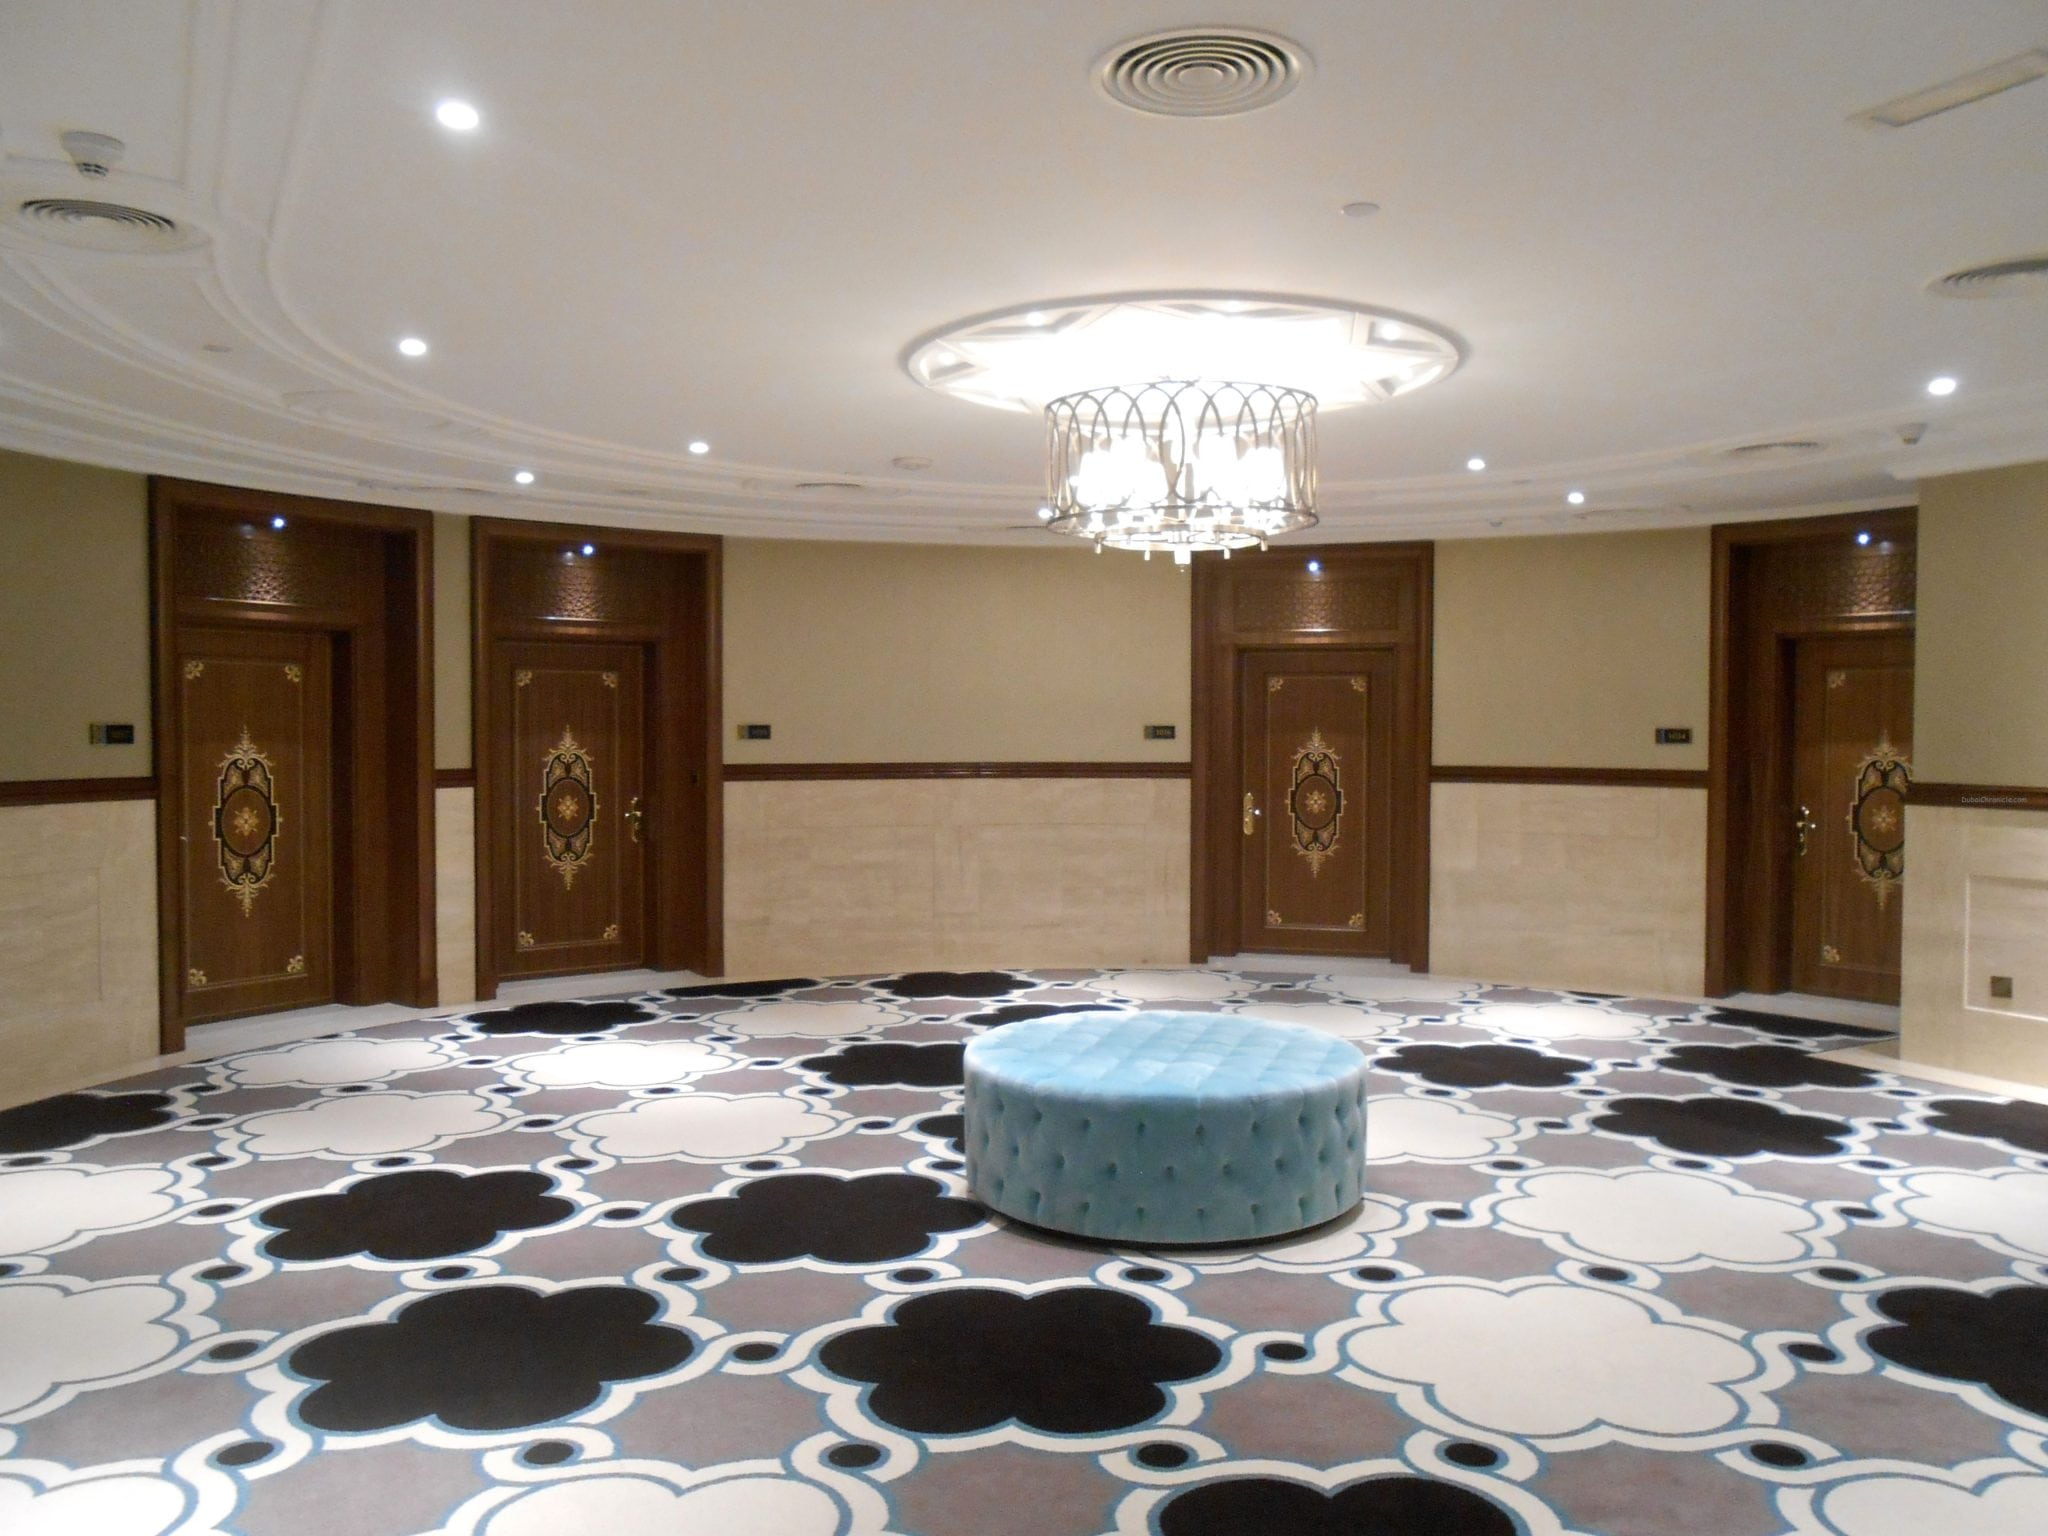 Wldorf Astoria Hotel Rooms Doors